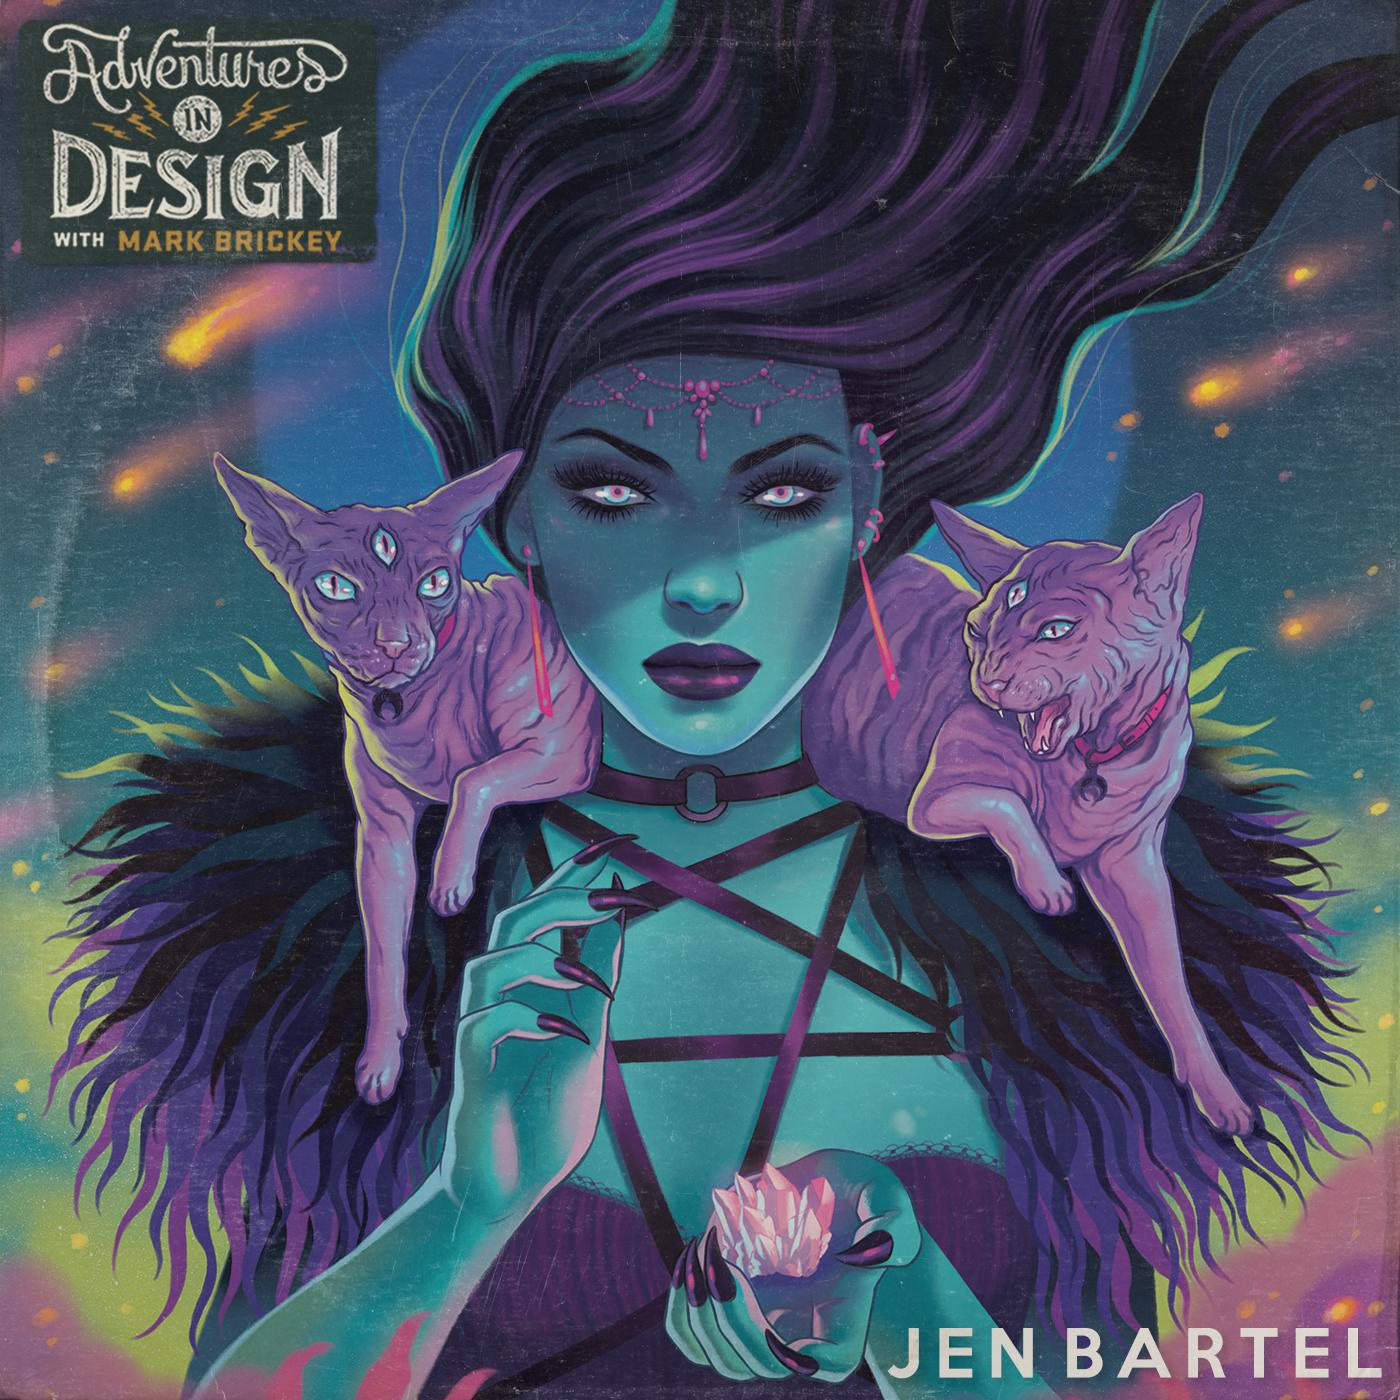 436 - Jen Bartel